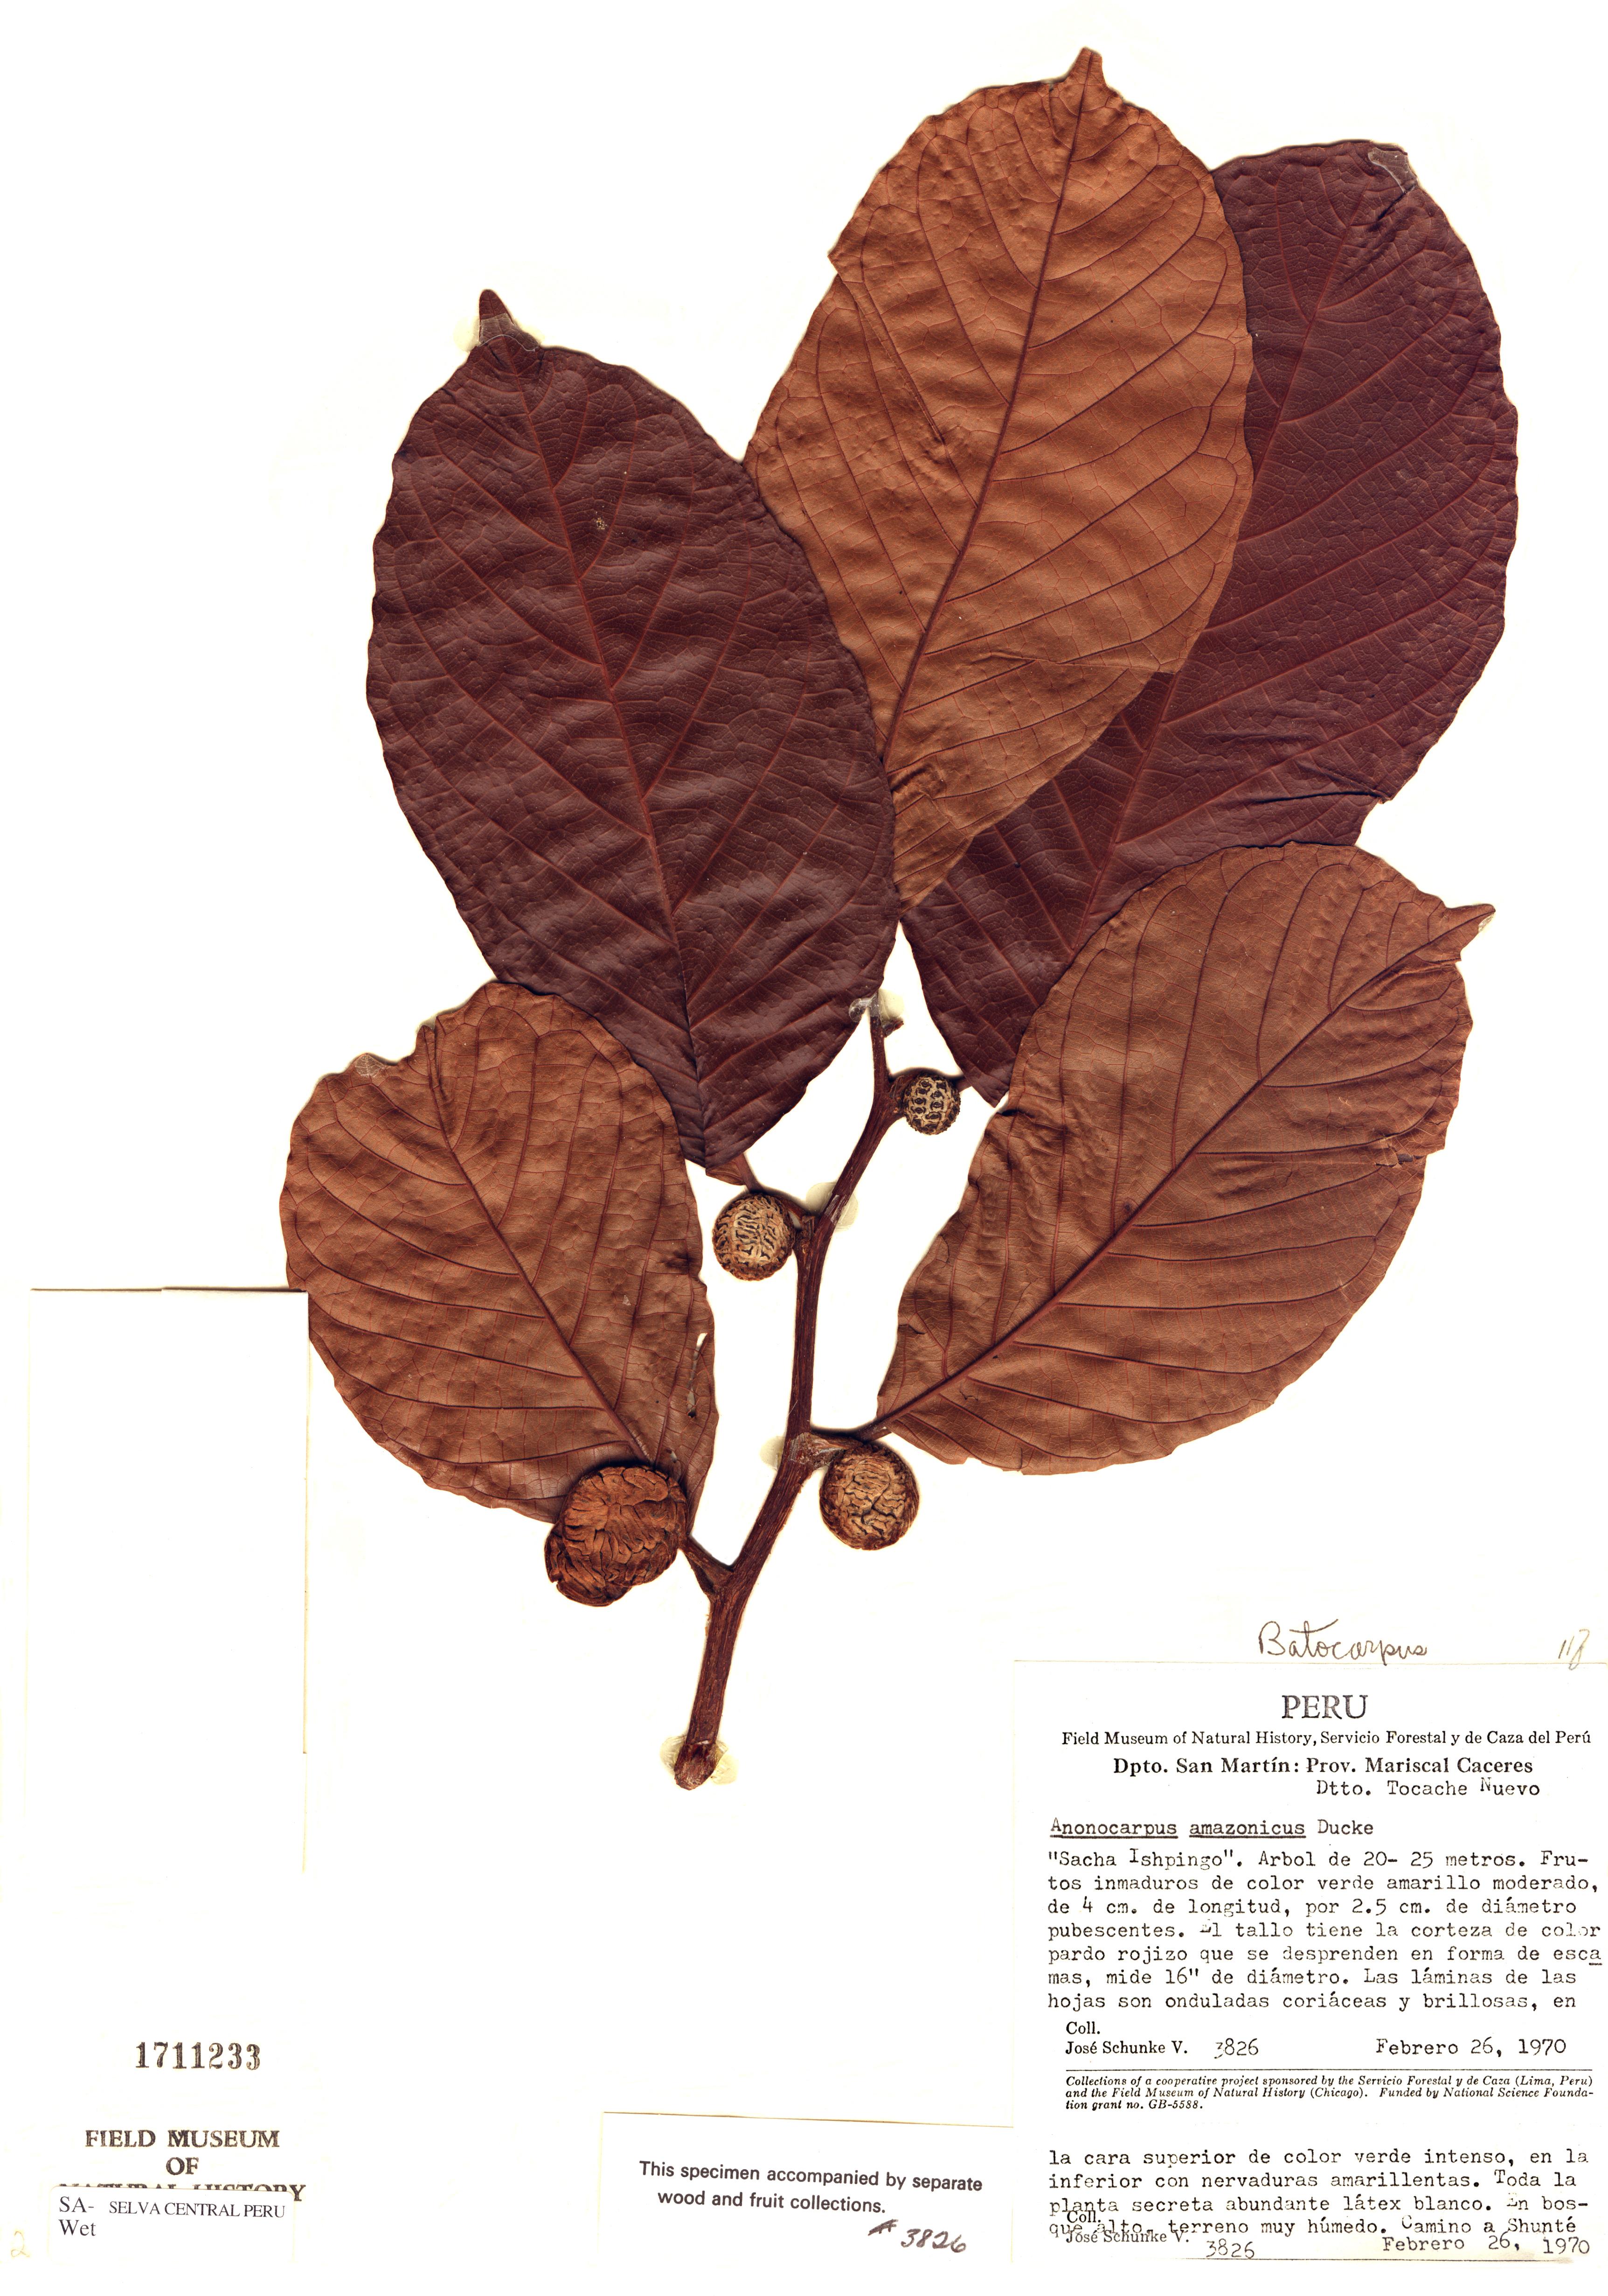 Specimen: Batocarpus amazonicus